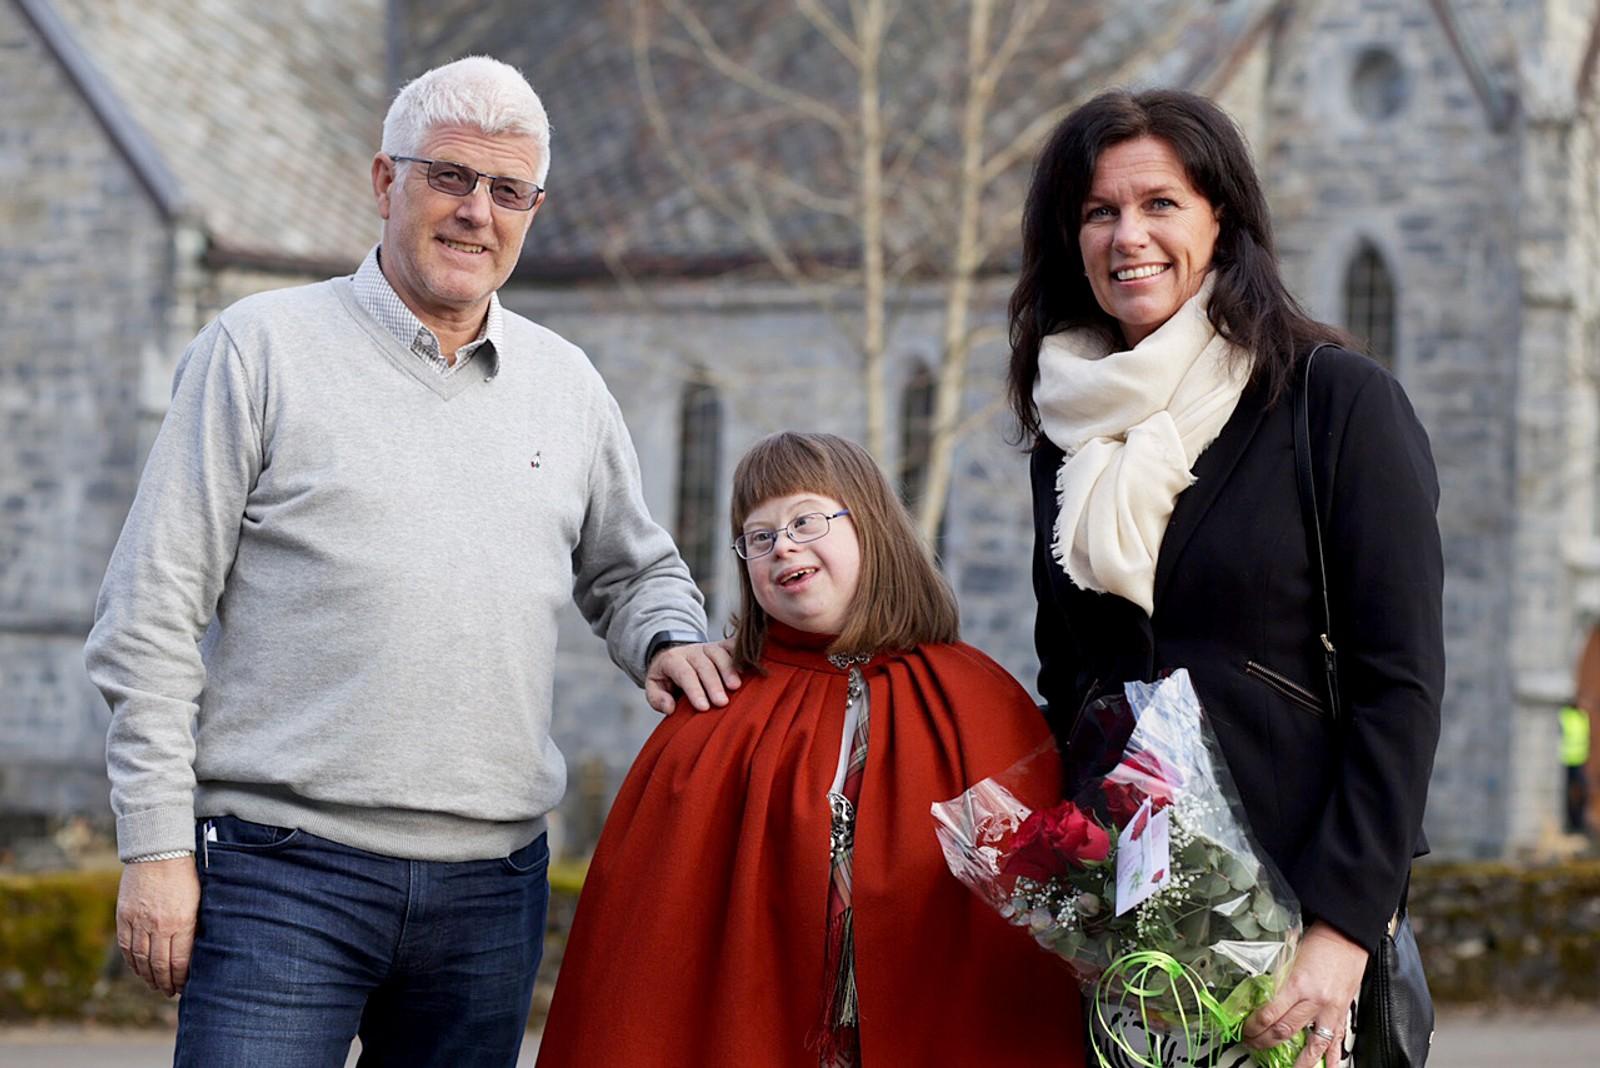 Marthe Sakshaug (i midten) har fått mye hjelp av Joralf Gjerstad på grunn av smerter i beina. Sammen etablerte Sakshaug og Gjerstad et hjelpefond i 2001. Her er Marthe Sakshaug og foreldrene.